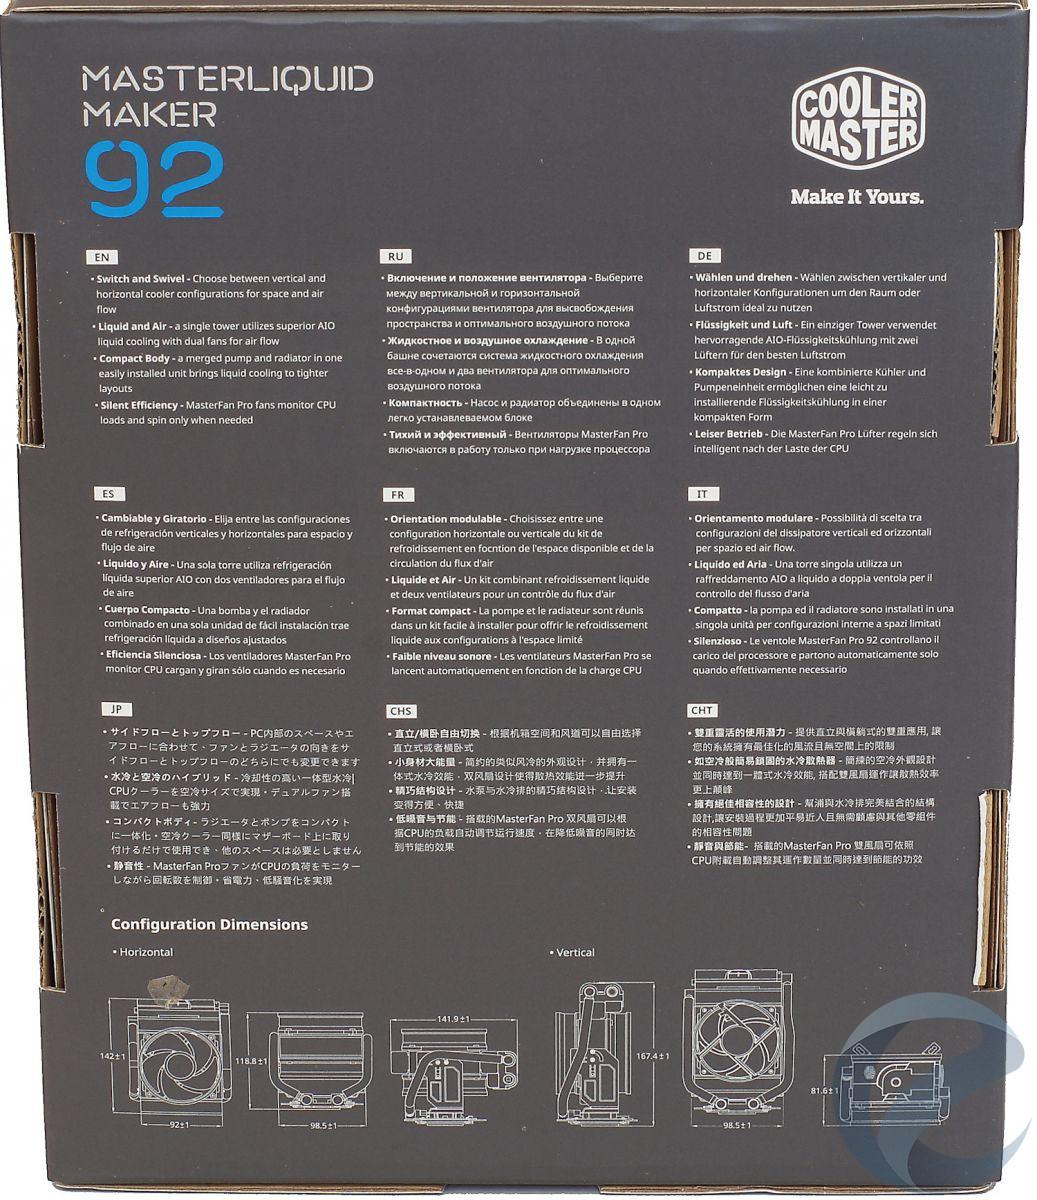 Упаковка и комплектация СЖО Cooler Master MasterLiquid Maker 92